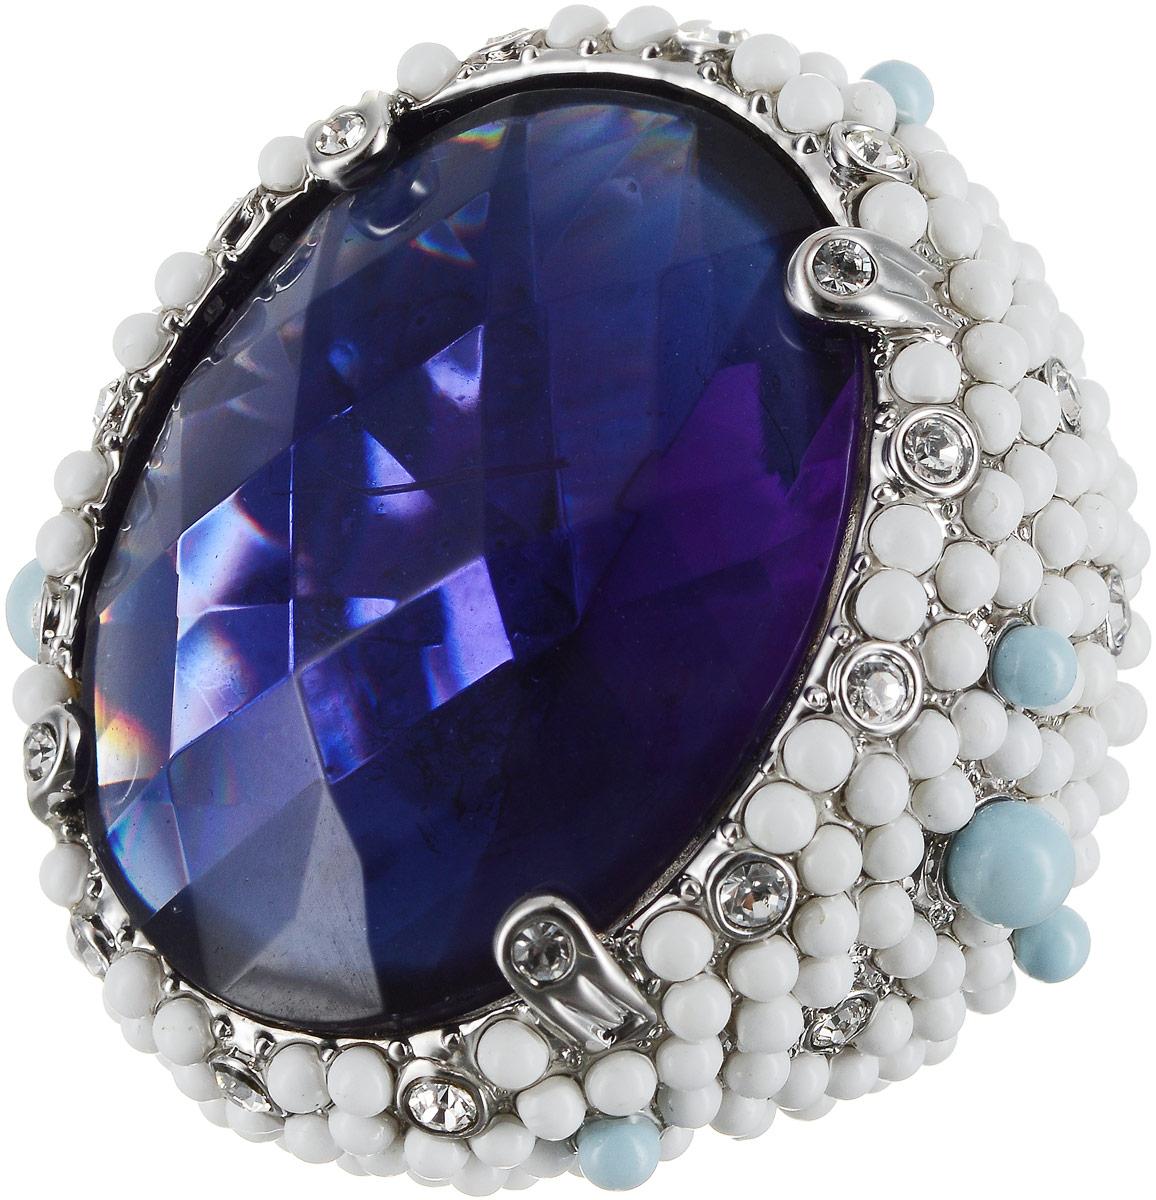 Кольцо Art-Silver, цвет: серебряный, синий, белый. 428-2106. Размер 18Коктейльное кольцоОригинальное кольцо Art-Silver выполнено из бижутерного сплава с гальваническим покрытием. Кольцо украшено декоративными вставками.Элегантное кольцо Art-Silver превосходно дополнит ваш образ и подчеркнет отменное чувство стиля своей обладательницы.